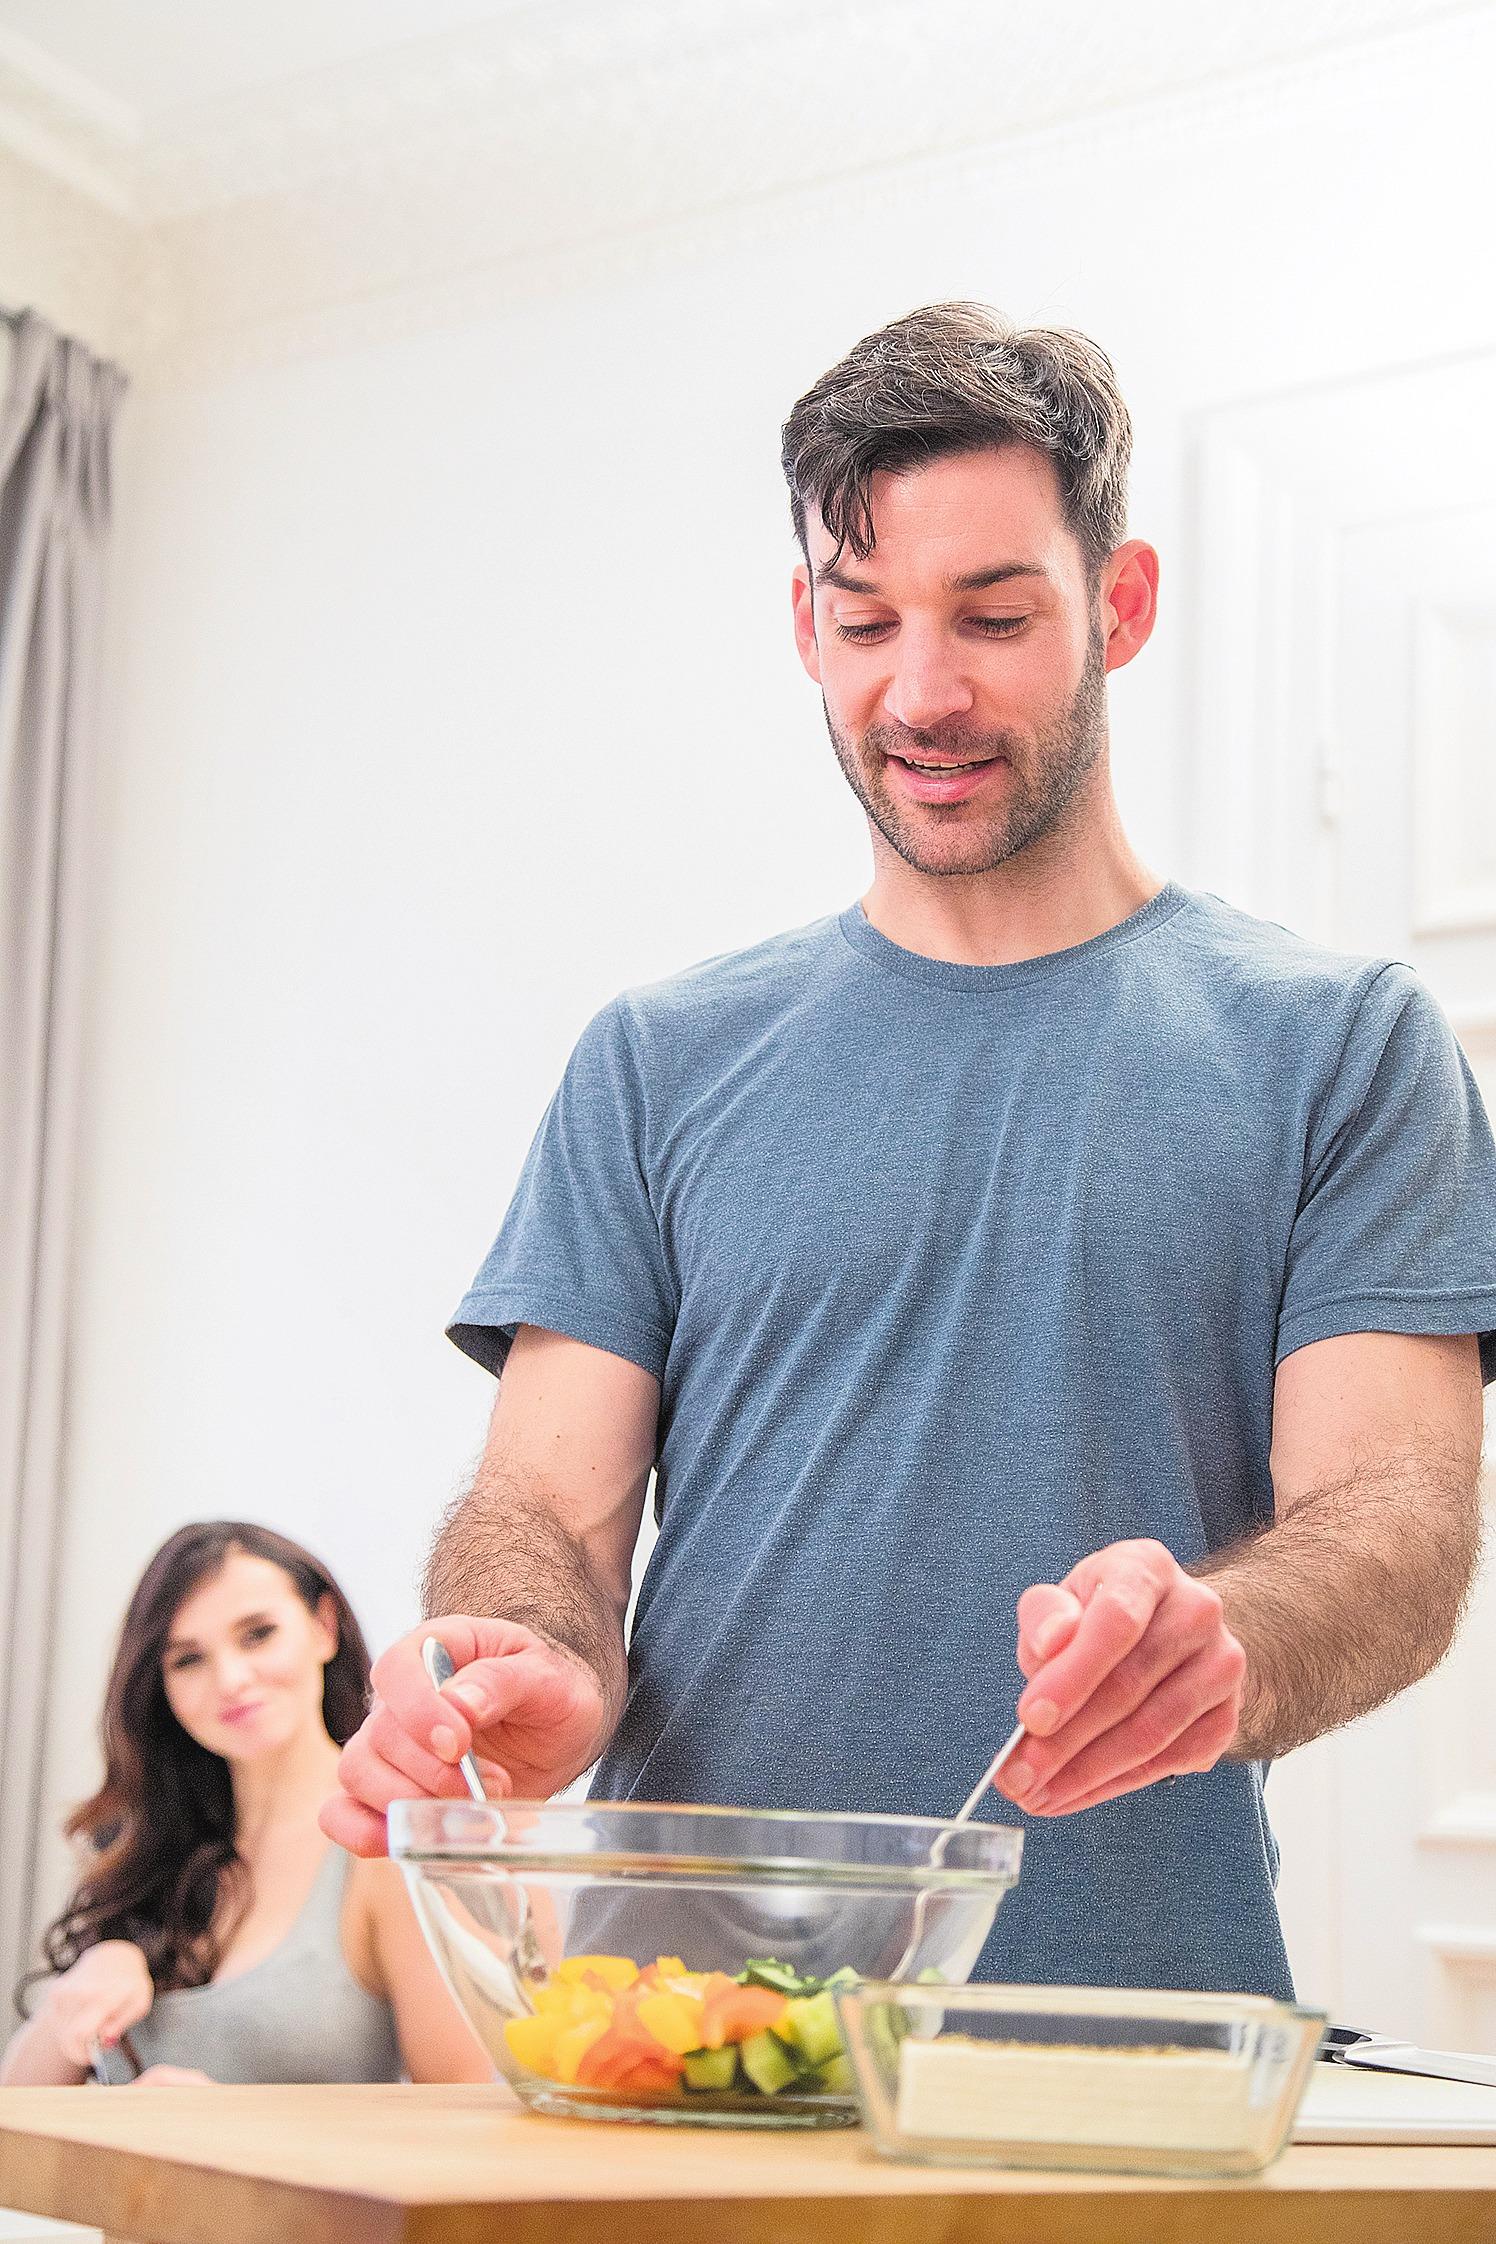 Essen und Trinken sollte man bewusst als etwas Schönes wahrnehmen. Das fängt schon beim gemeinsamen Zubereiten und Kochen an. FOTO: DPA